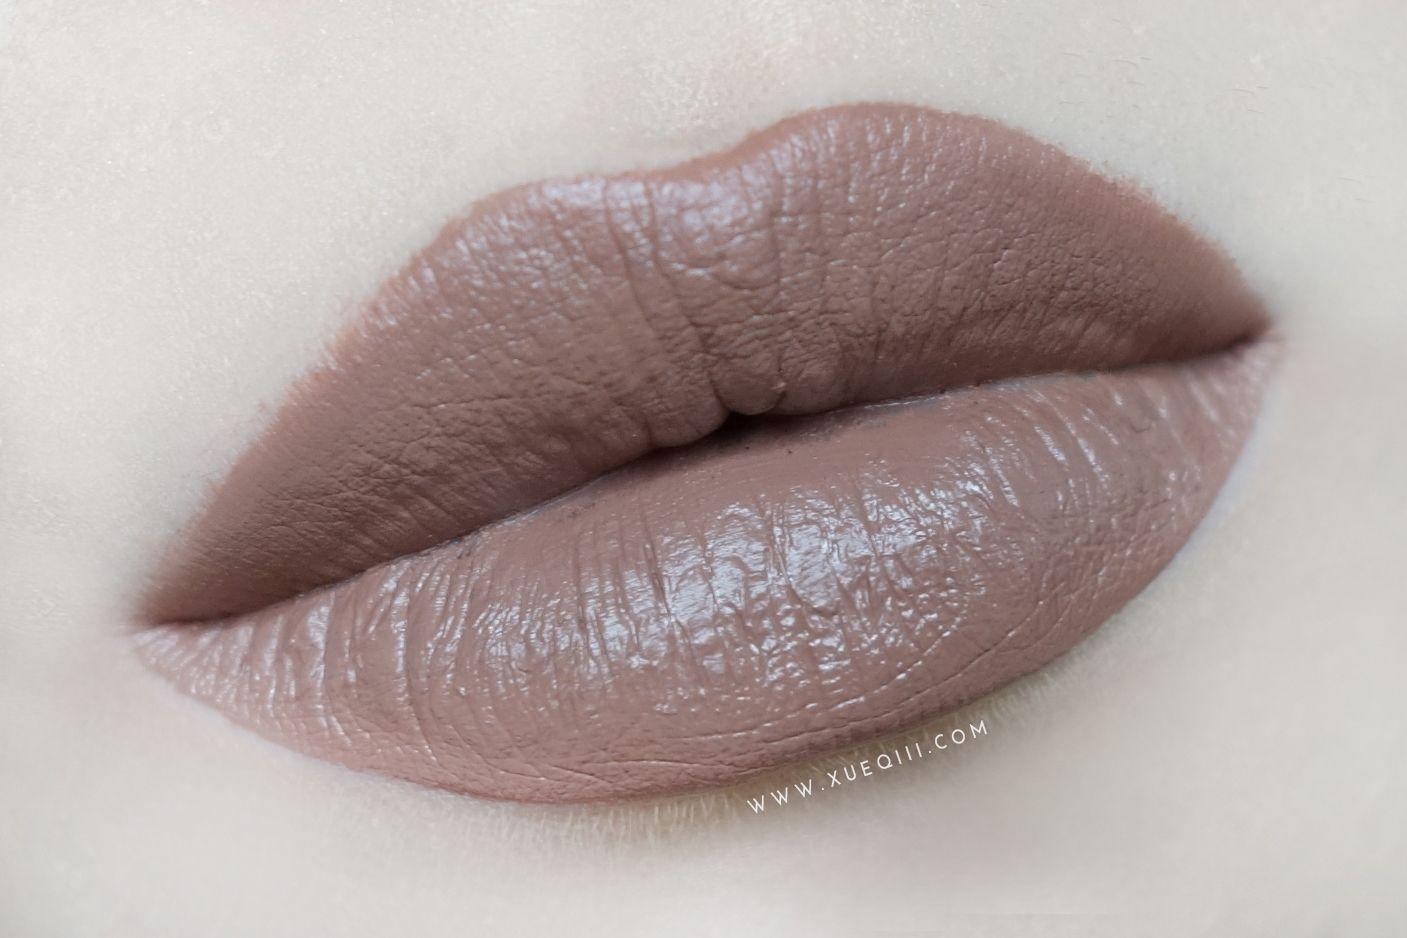 KathleenLights x Colourpop Ultra Satin Lips in Point Zero Lip ...